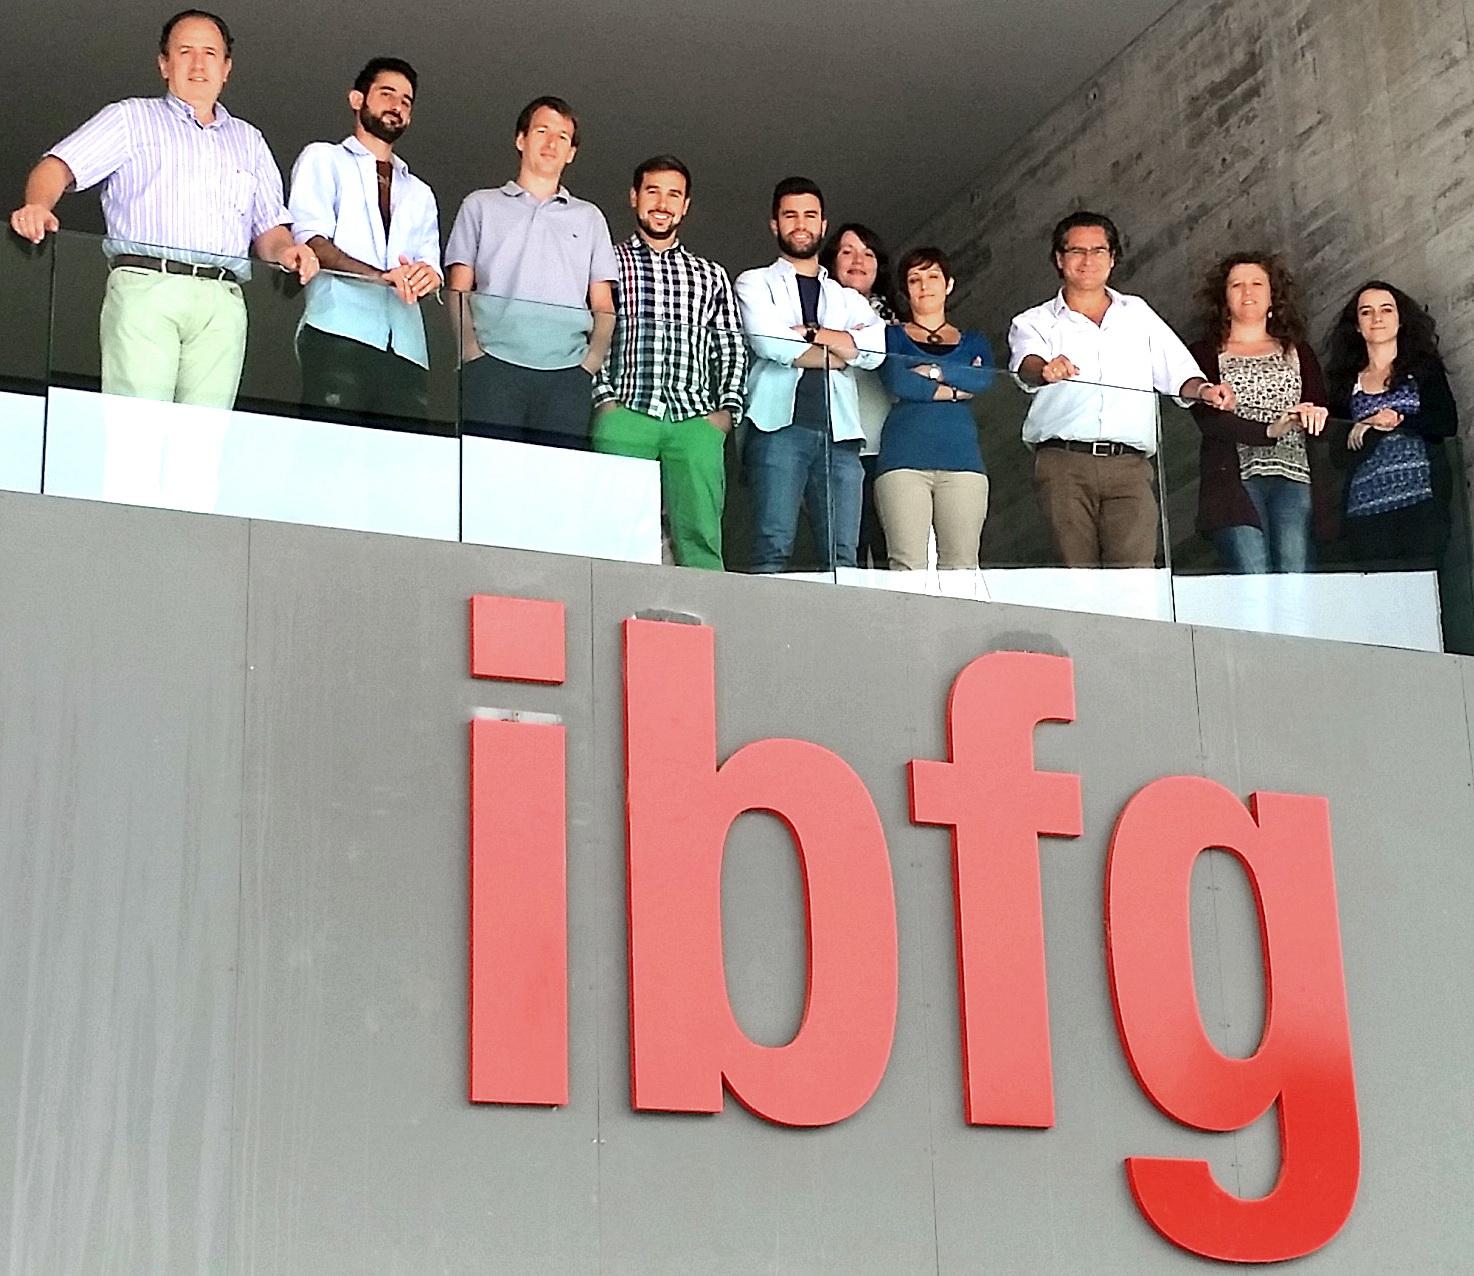 La Universidad de Salamanca participa en el proyecto europeo que impulsa la investigación de la enfermedad rara de Batten auspiciado con 6 mill. €